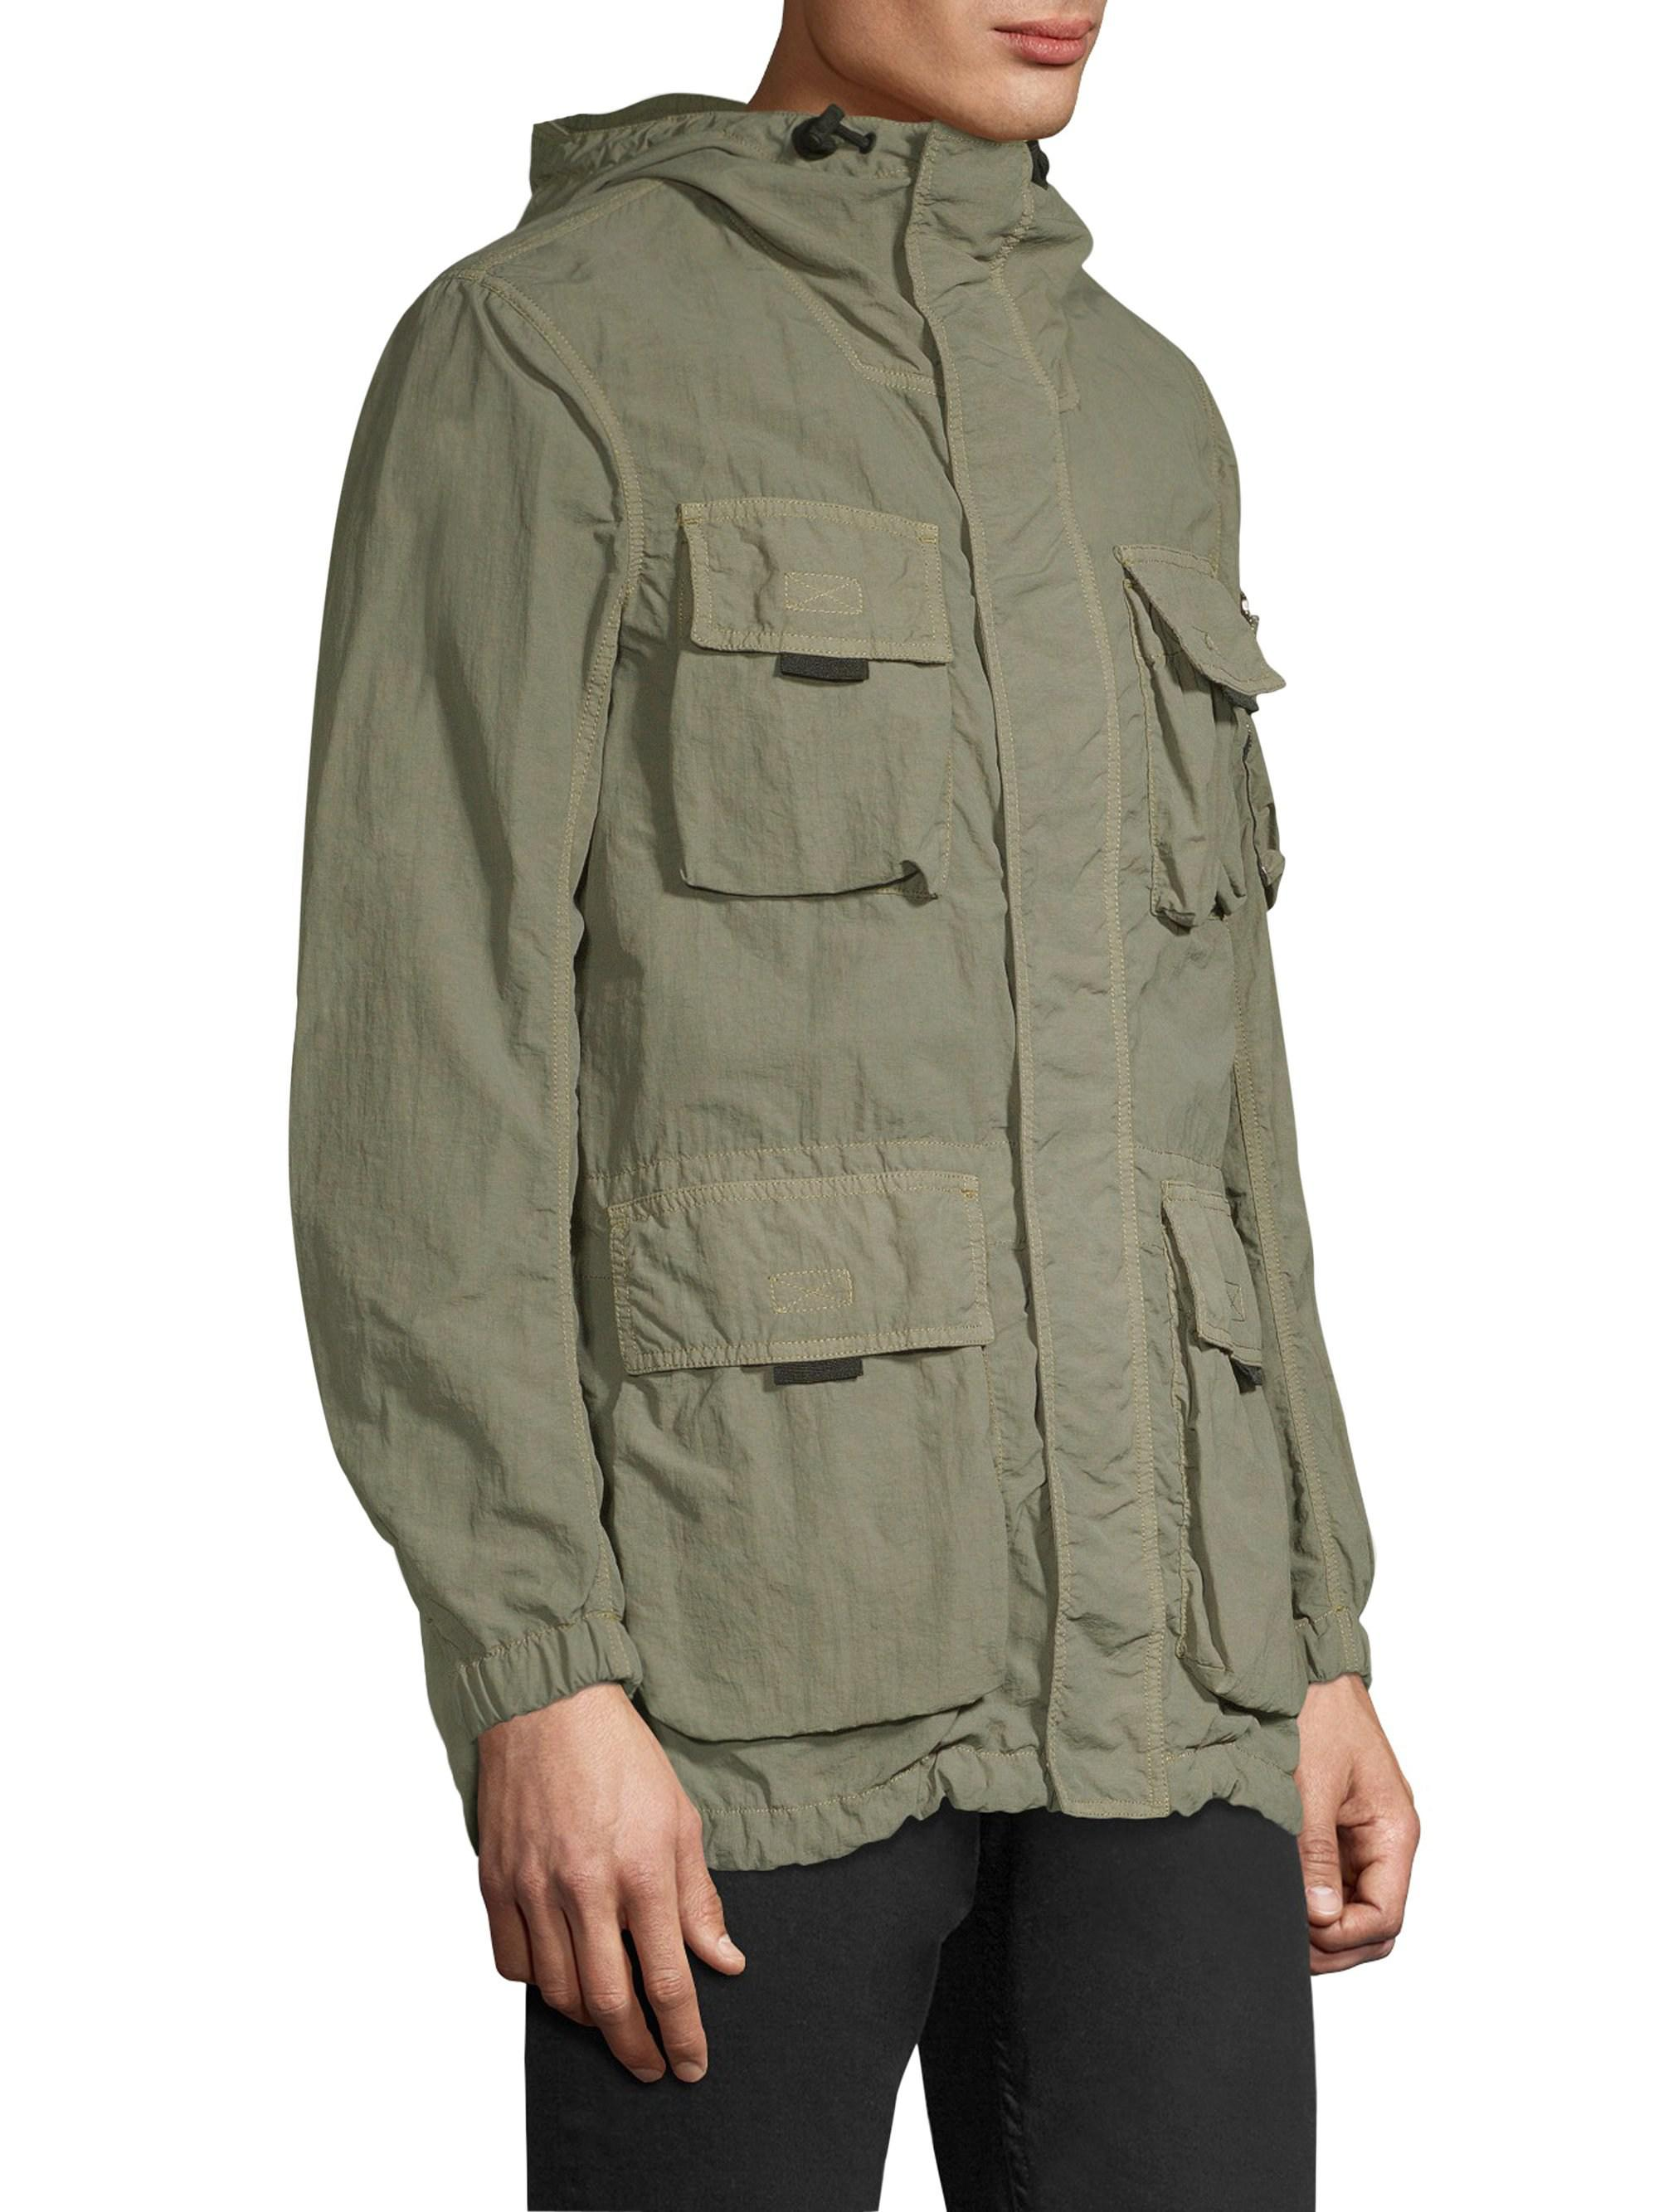 90a6d57b65 Belstaff Pallington Light Nylon Field Jacket in Green for Men - Lyst